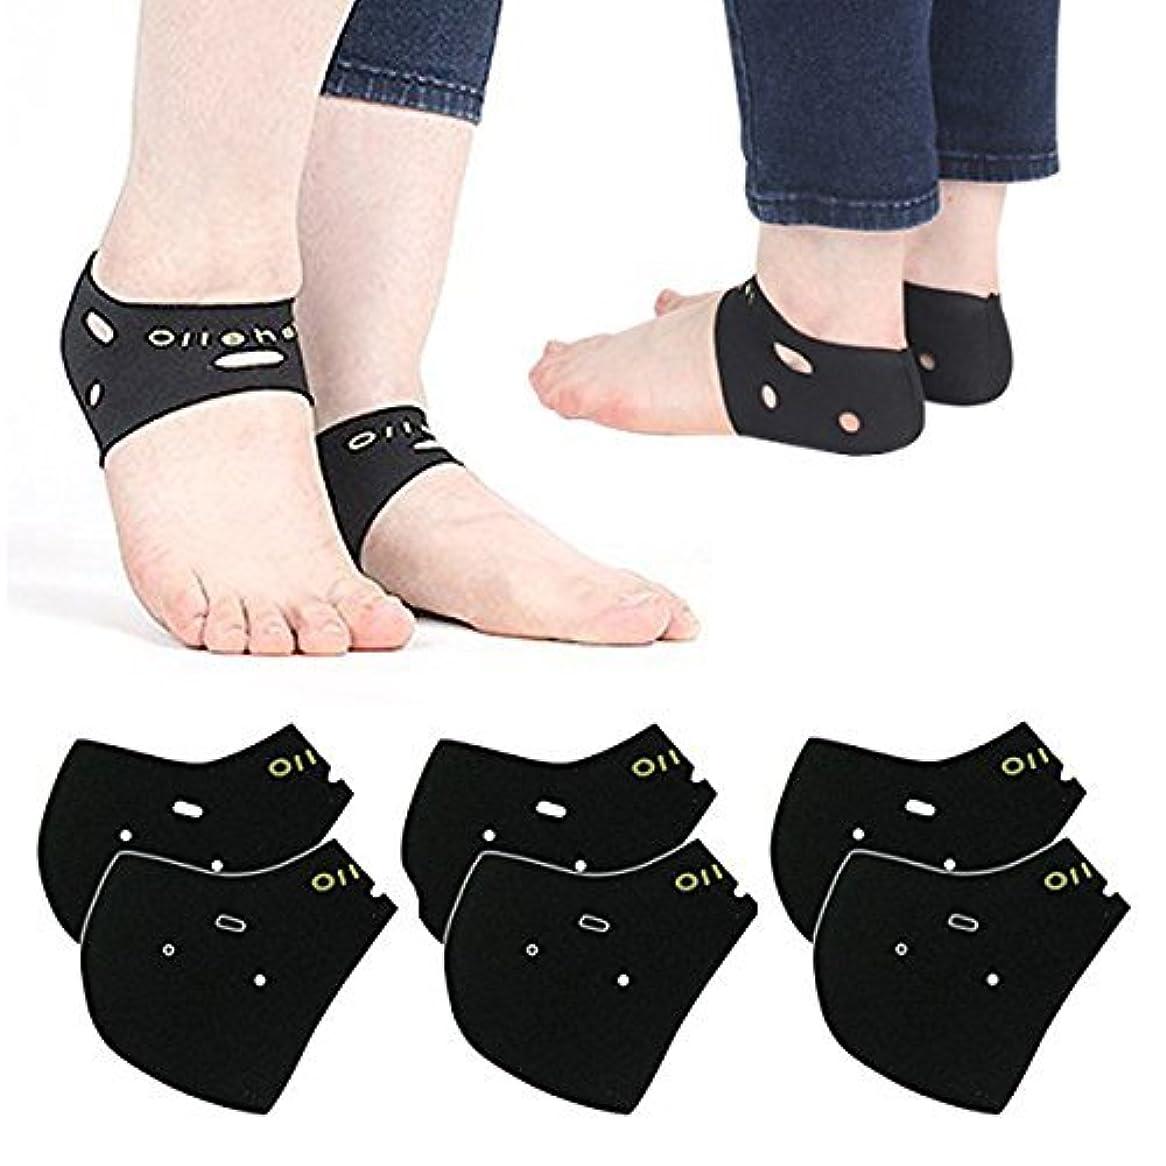 ユニークなプロポーショナル収穫かかとケア 靴下 3足 1セット ソックス かかとサポーター 角質ケア 保温 保湿 防寒靴下 発熱ソックス 冷え取り 両足 フリーサイズ かかと ケア